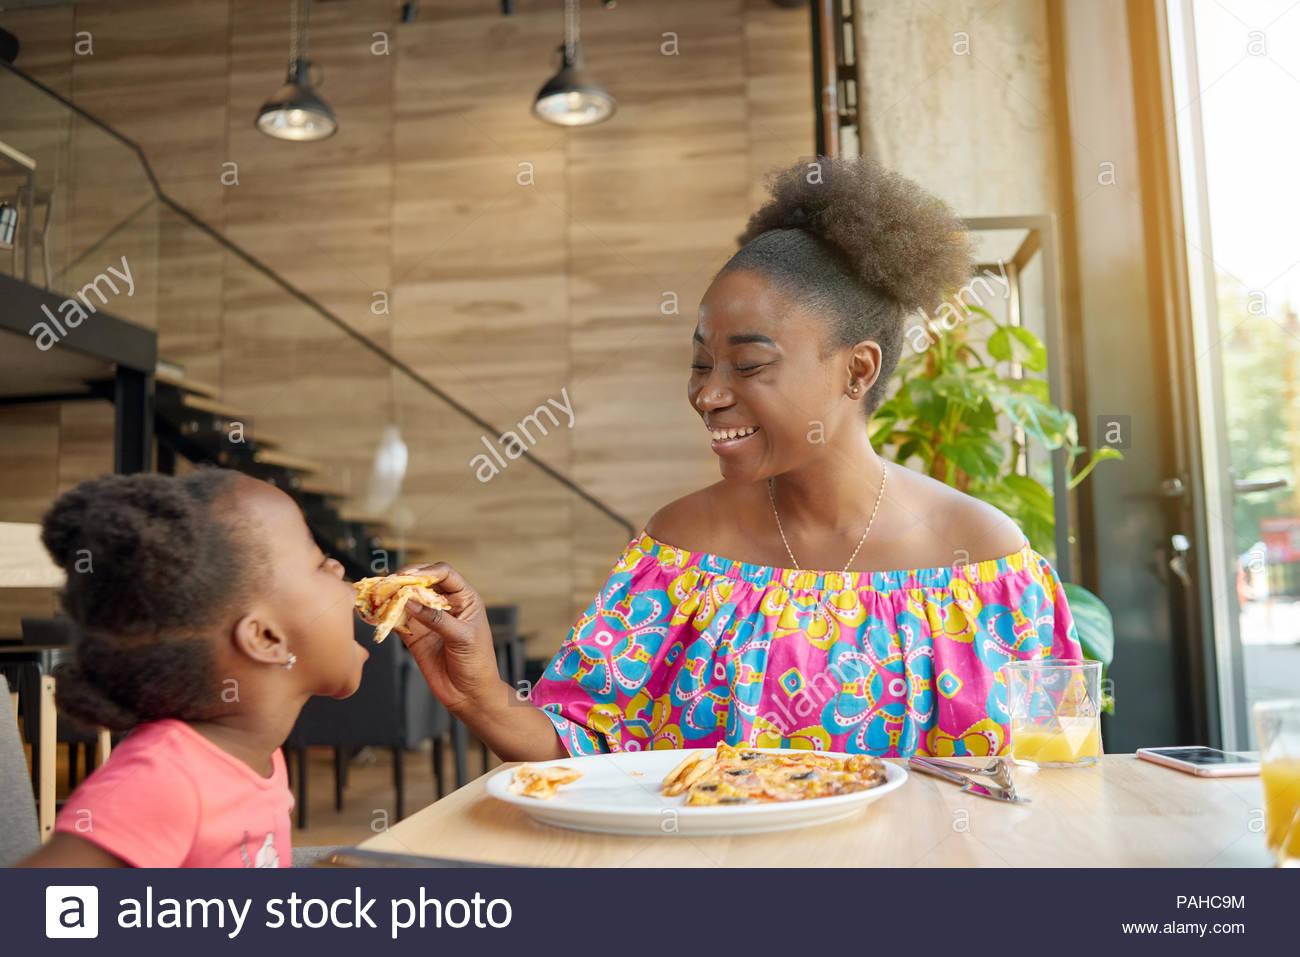 Rire mère enfant alimentation délicieuse pizza assis dans le restaurant loft conçu. Souriant, avoir la bonne humeur, merveilleux temps ensemble, belle famille. Les autres clients assis dans le café. Photo Stock